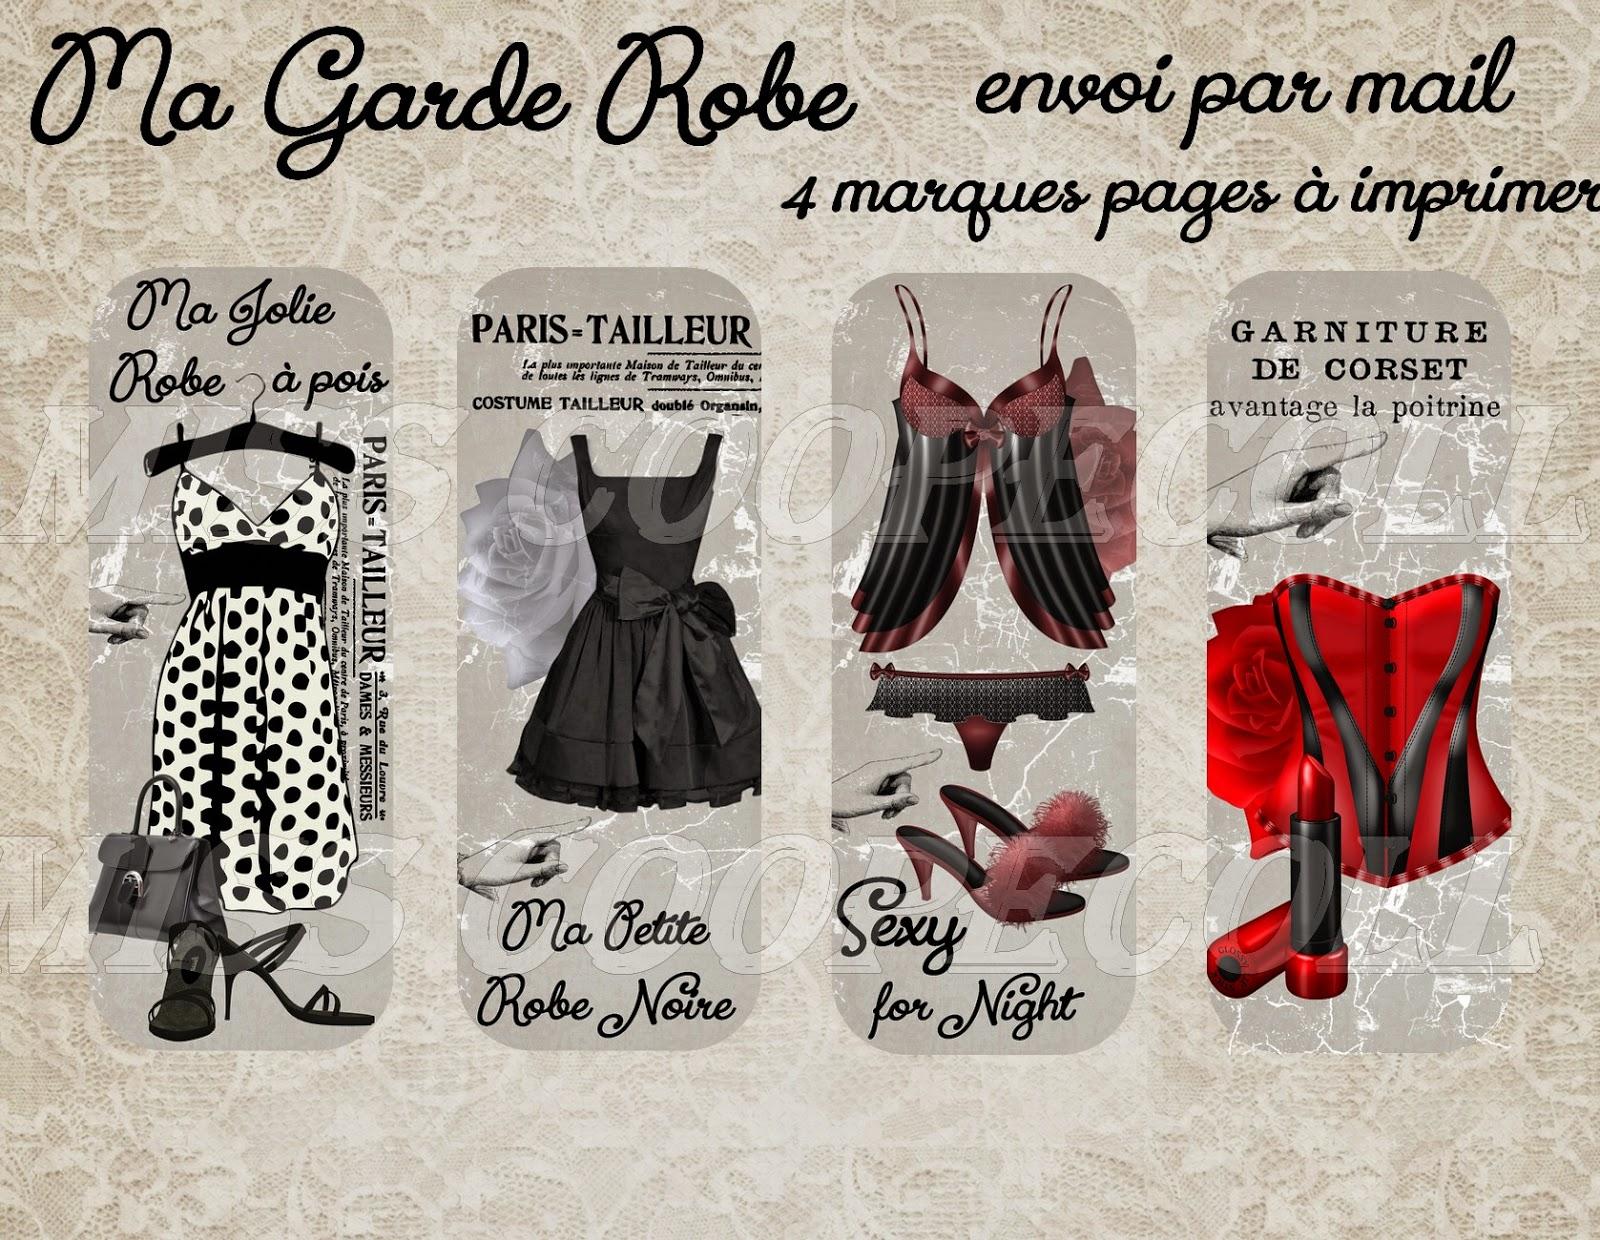 http://www.alittlemarket.com/marque-pages/fr_nouveaute_4_marques_pages_a_imprimer_ma_garde_robe_envoi_par_mail_-8674149.html